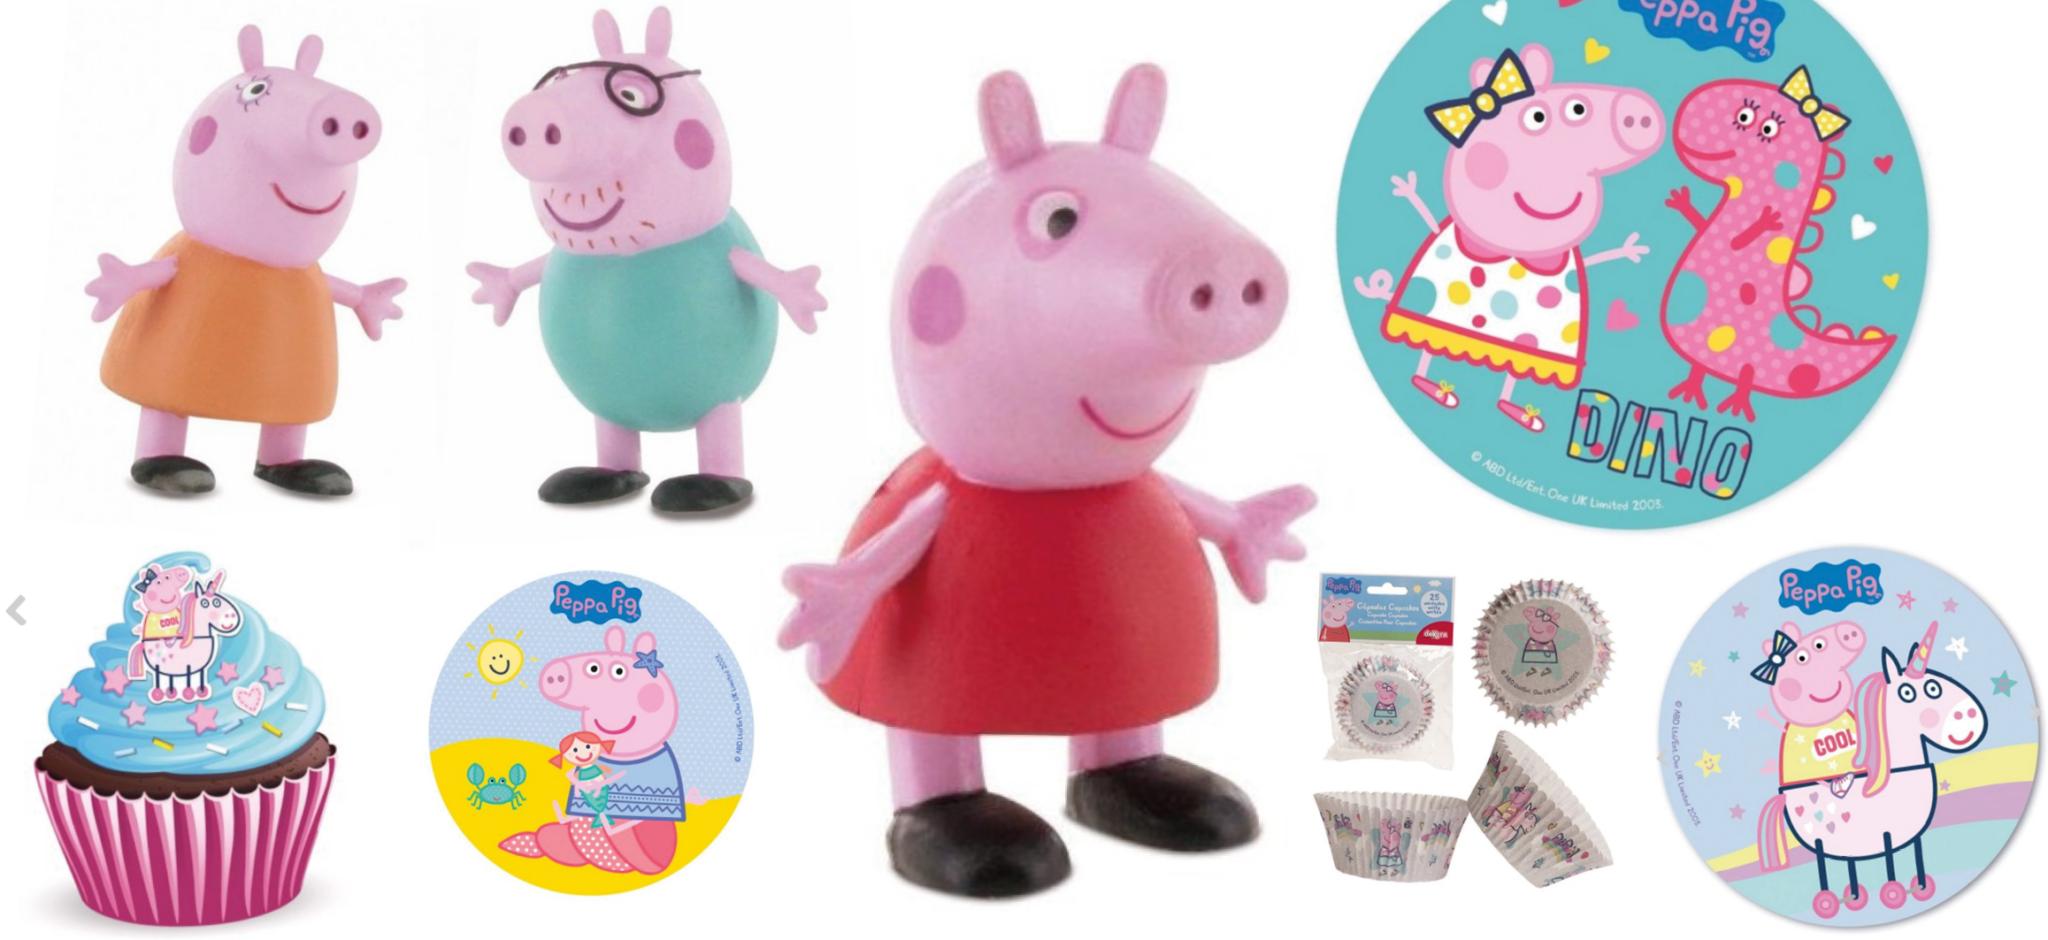 Gurli gris kage, Gurli Gris fødselsdag, fødselsdag med Gurli gris, Spiselig papir med Gurli gris, Sukker print med Gurli Gris,